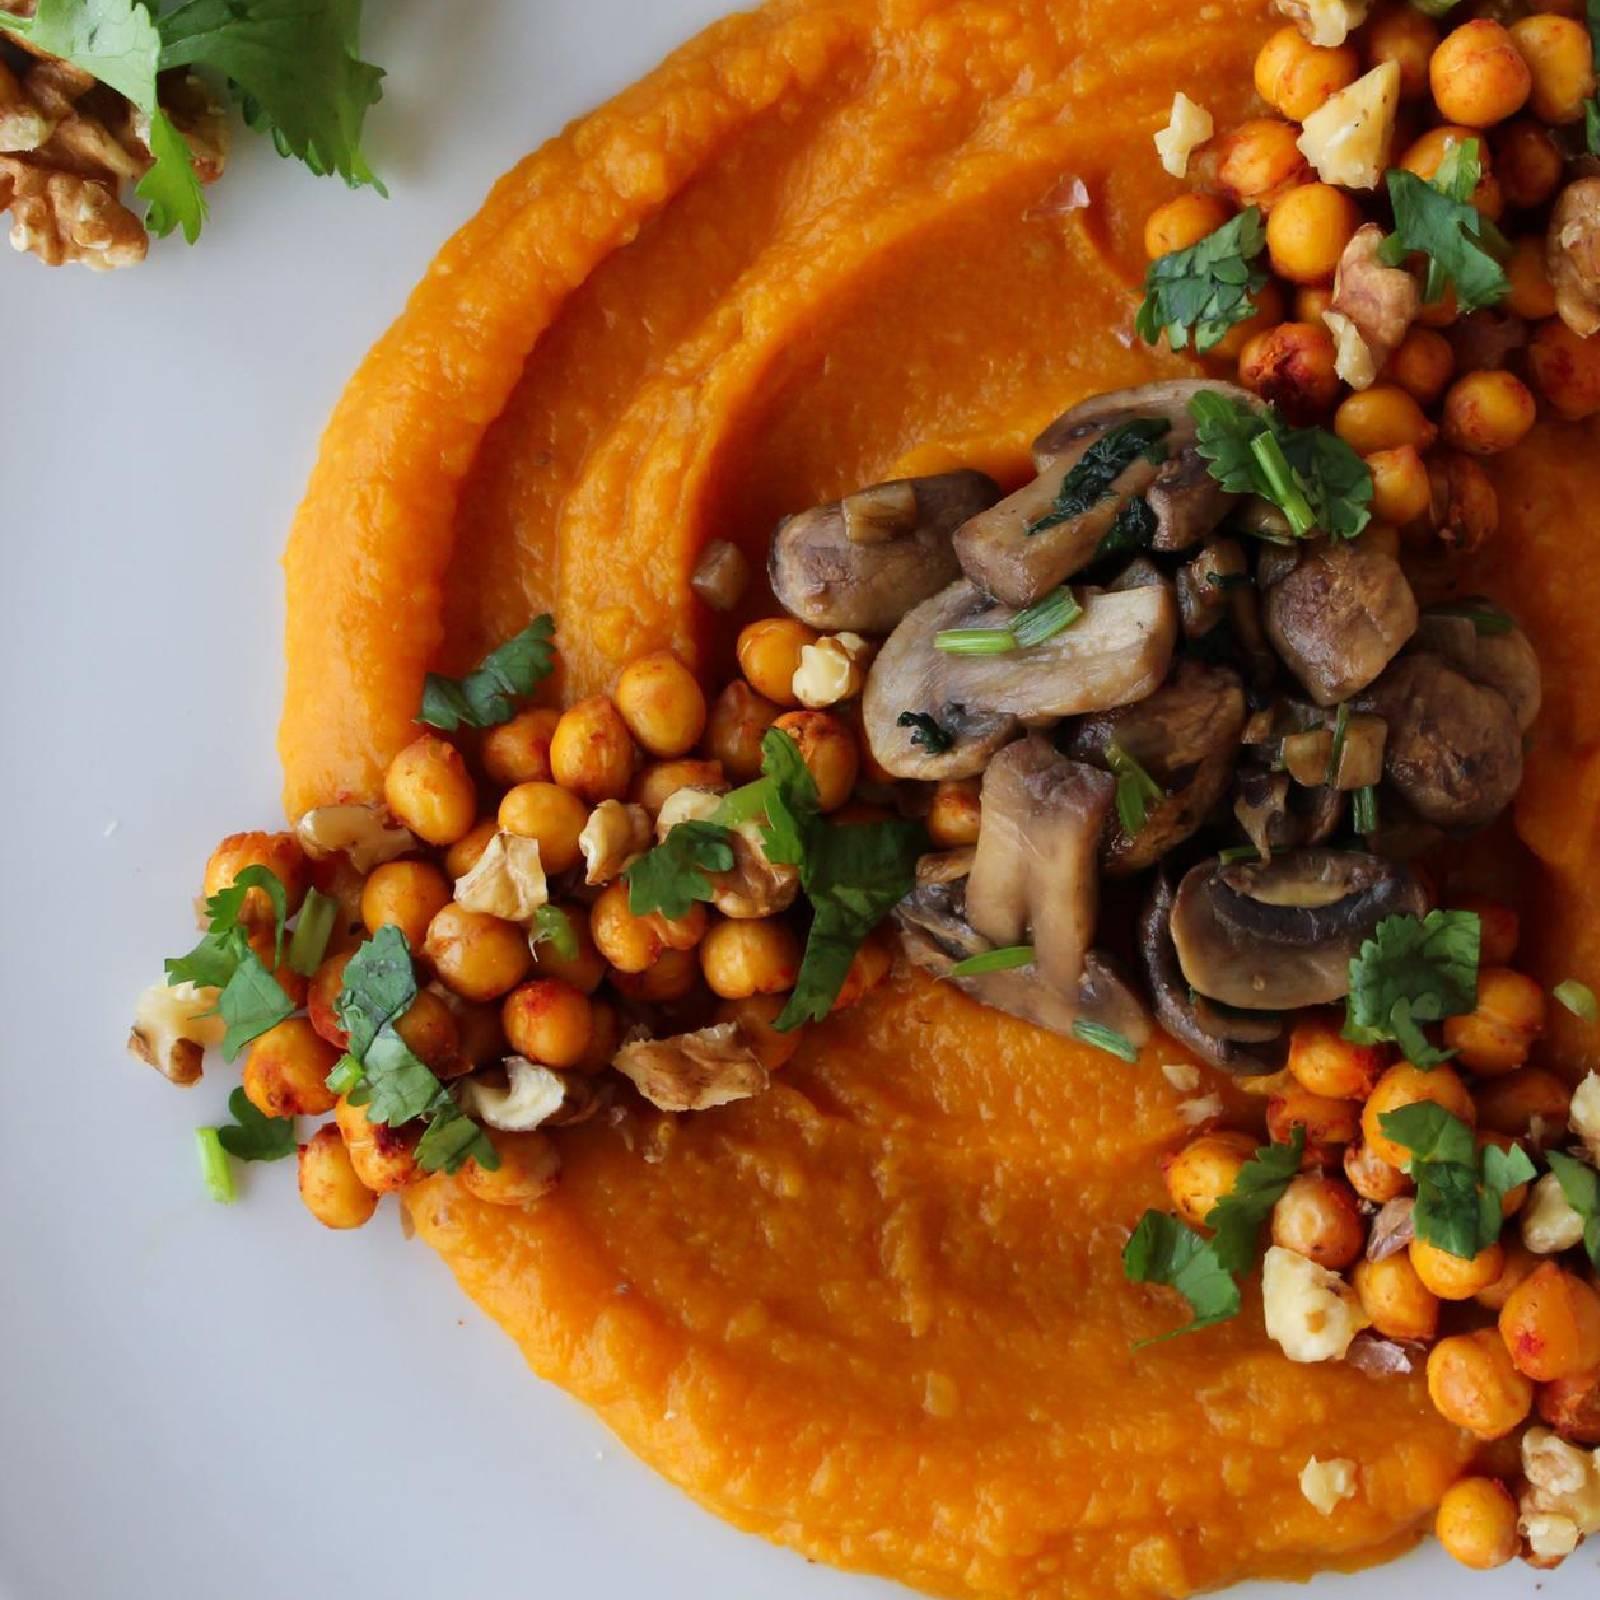 Pumpkin puree, crispy chickpeas & mushrooms